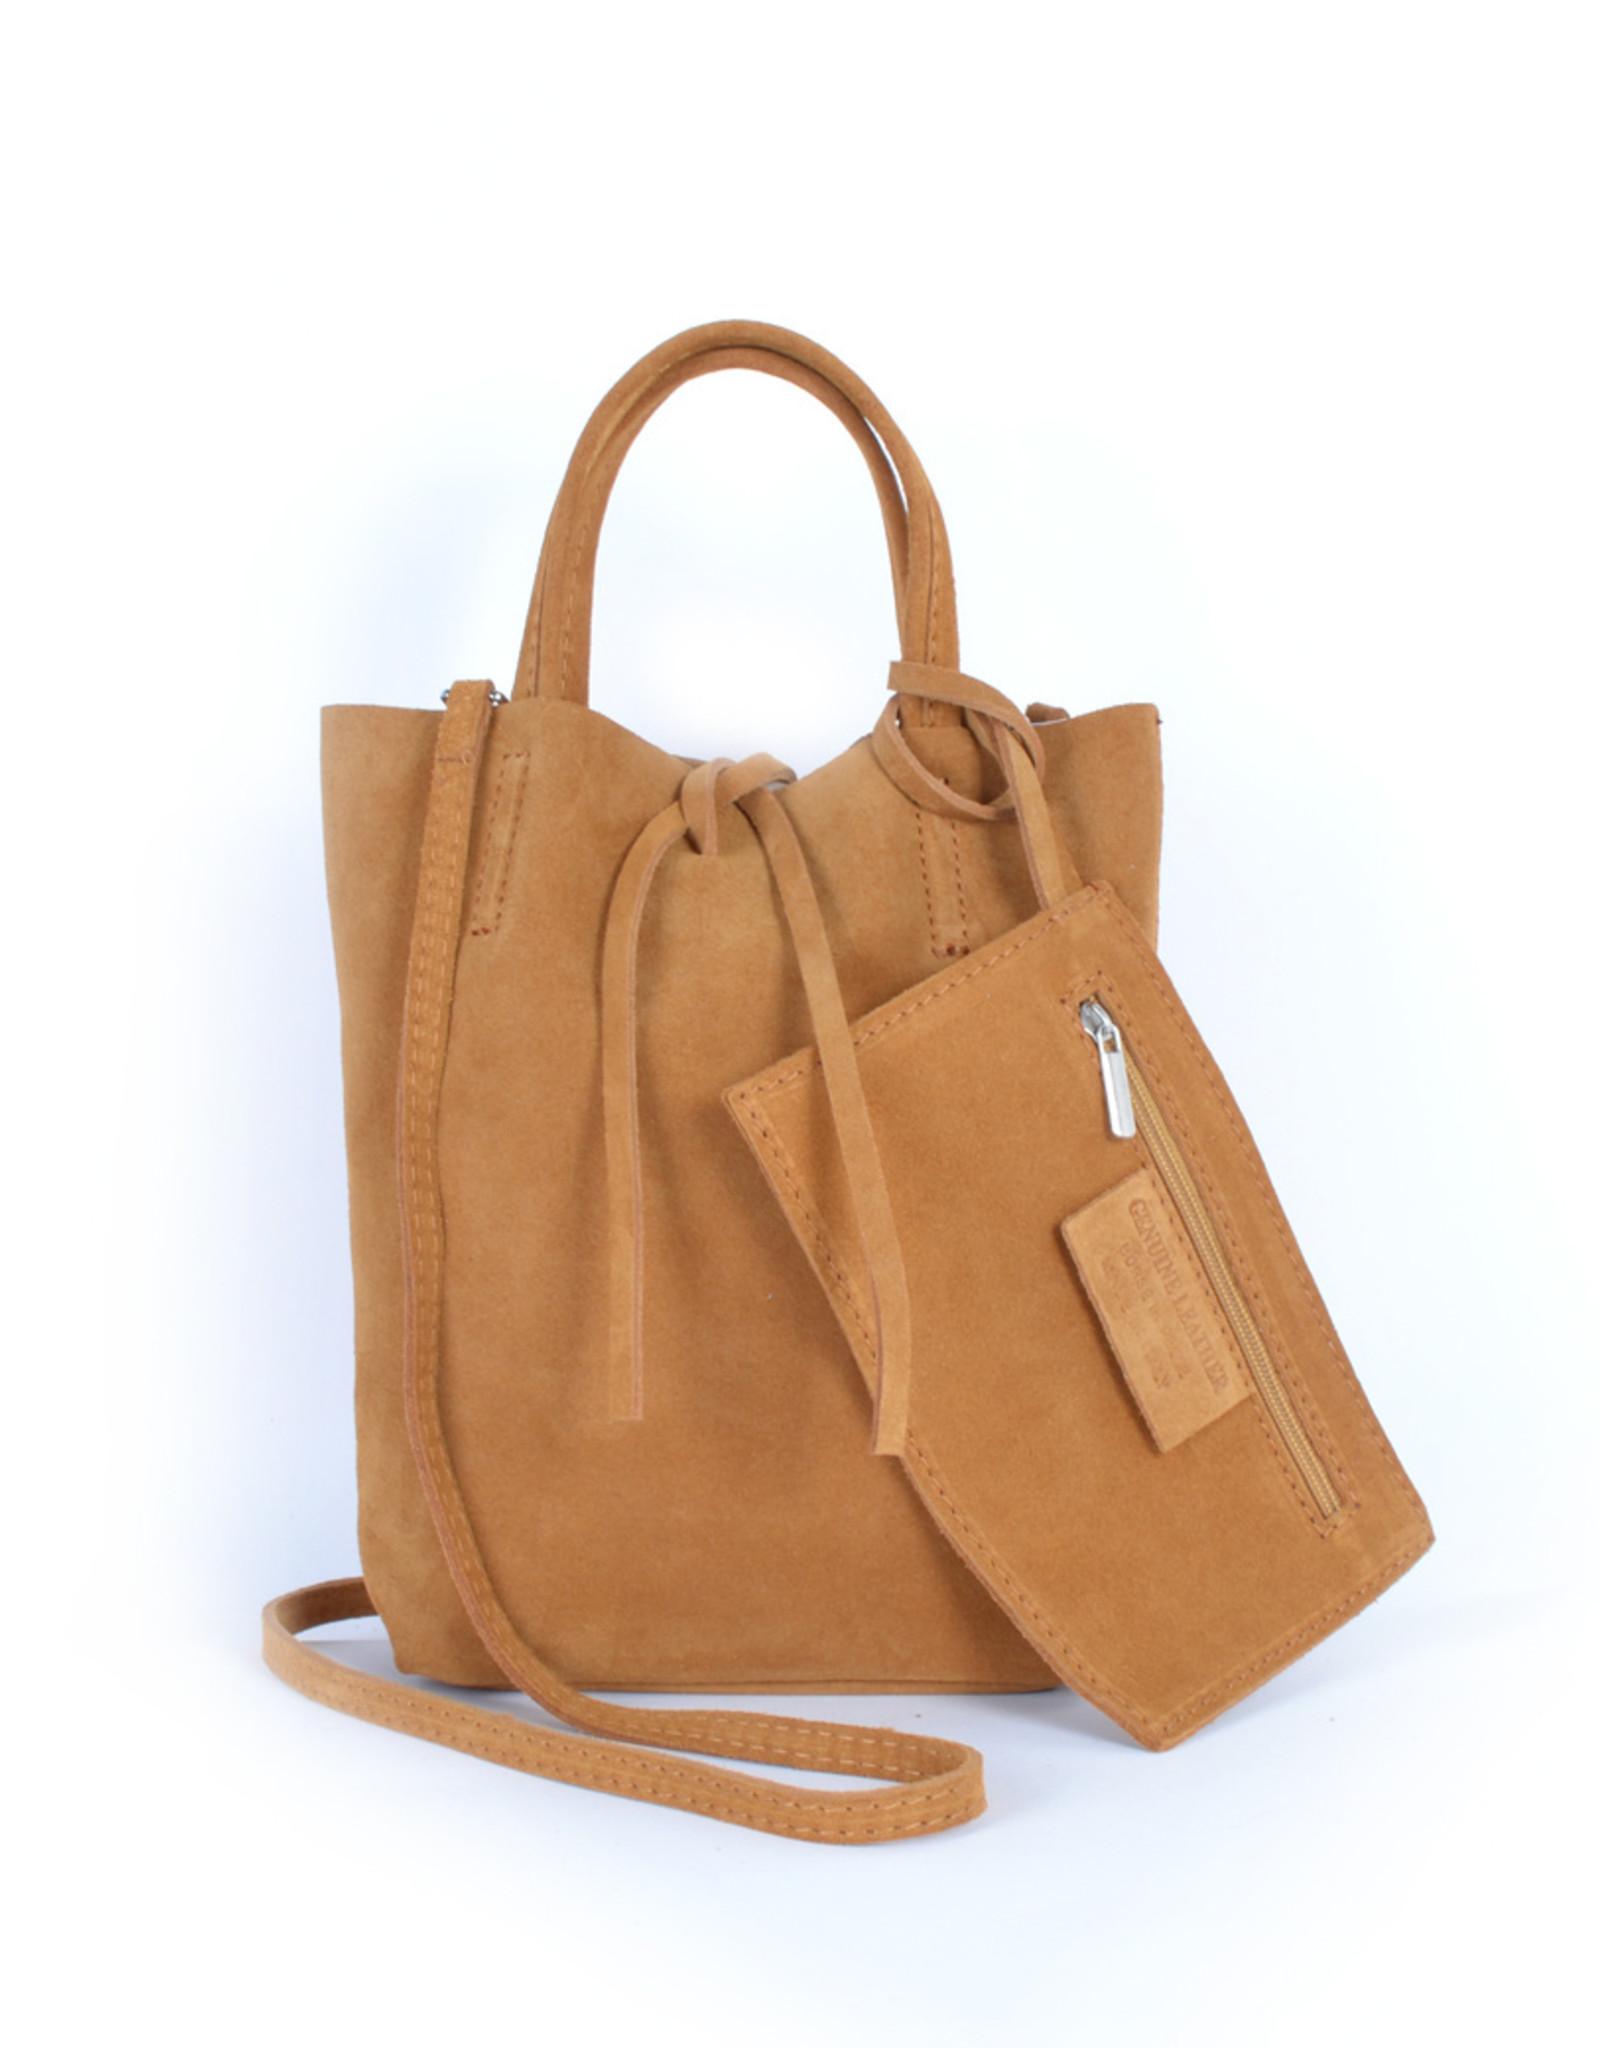 Little shopper in buckskin with little bag inside with long shoulderbelt.